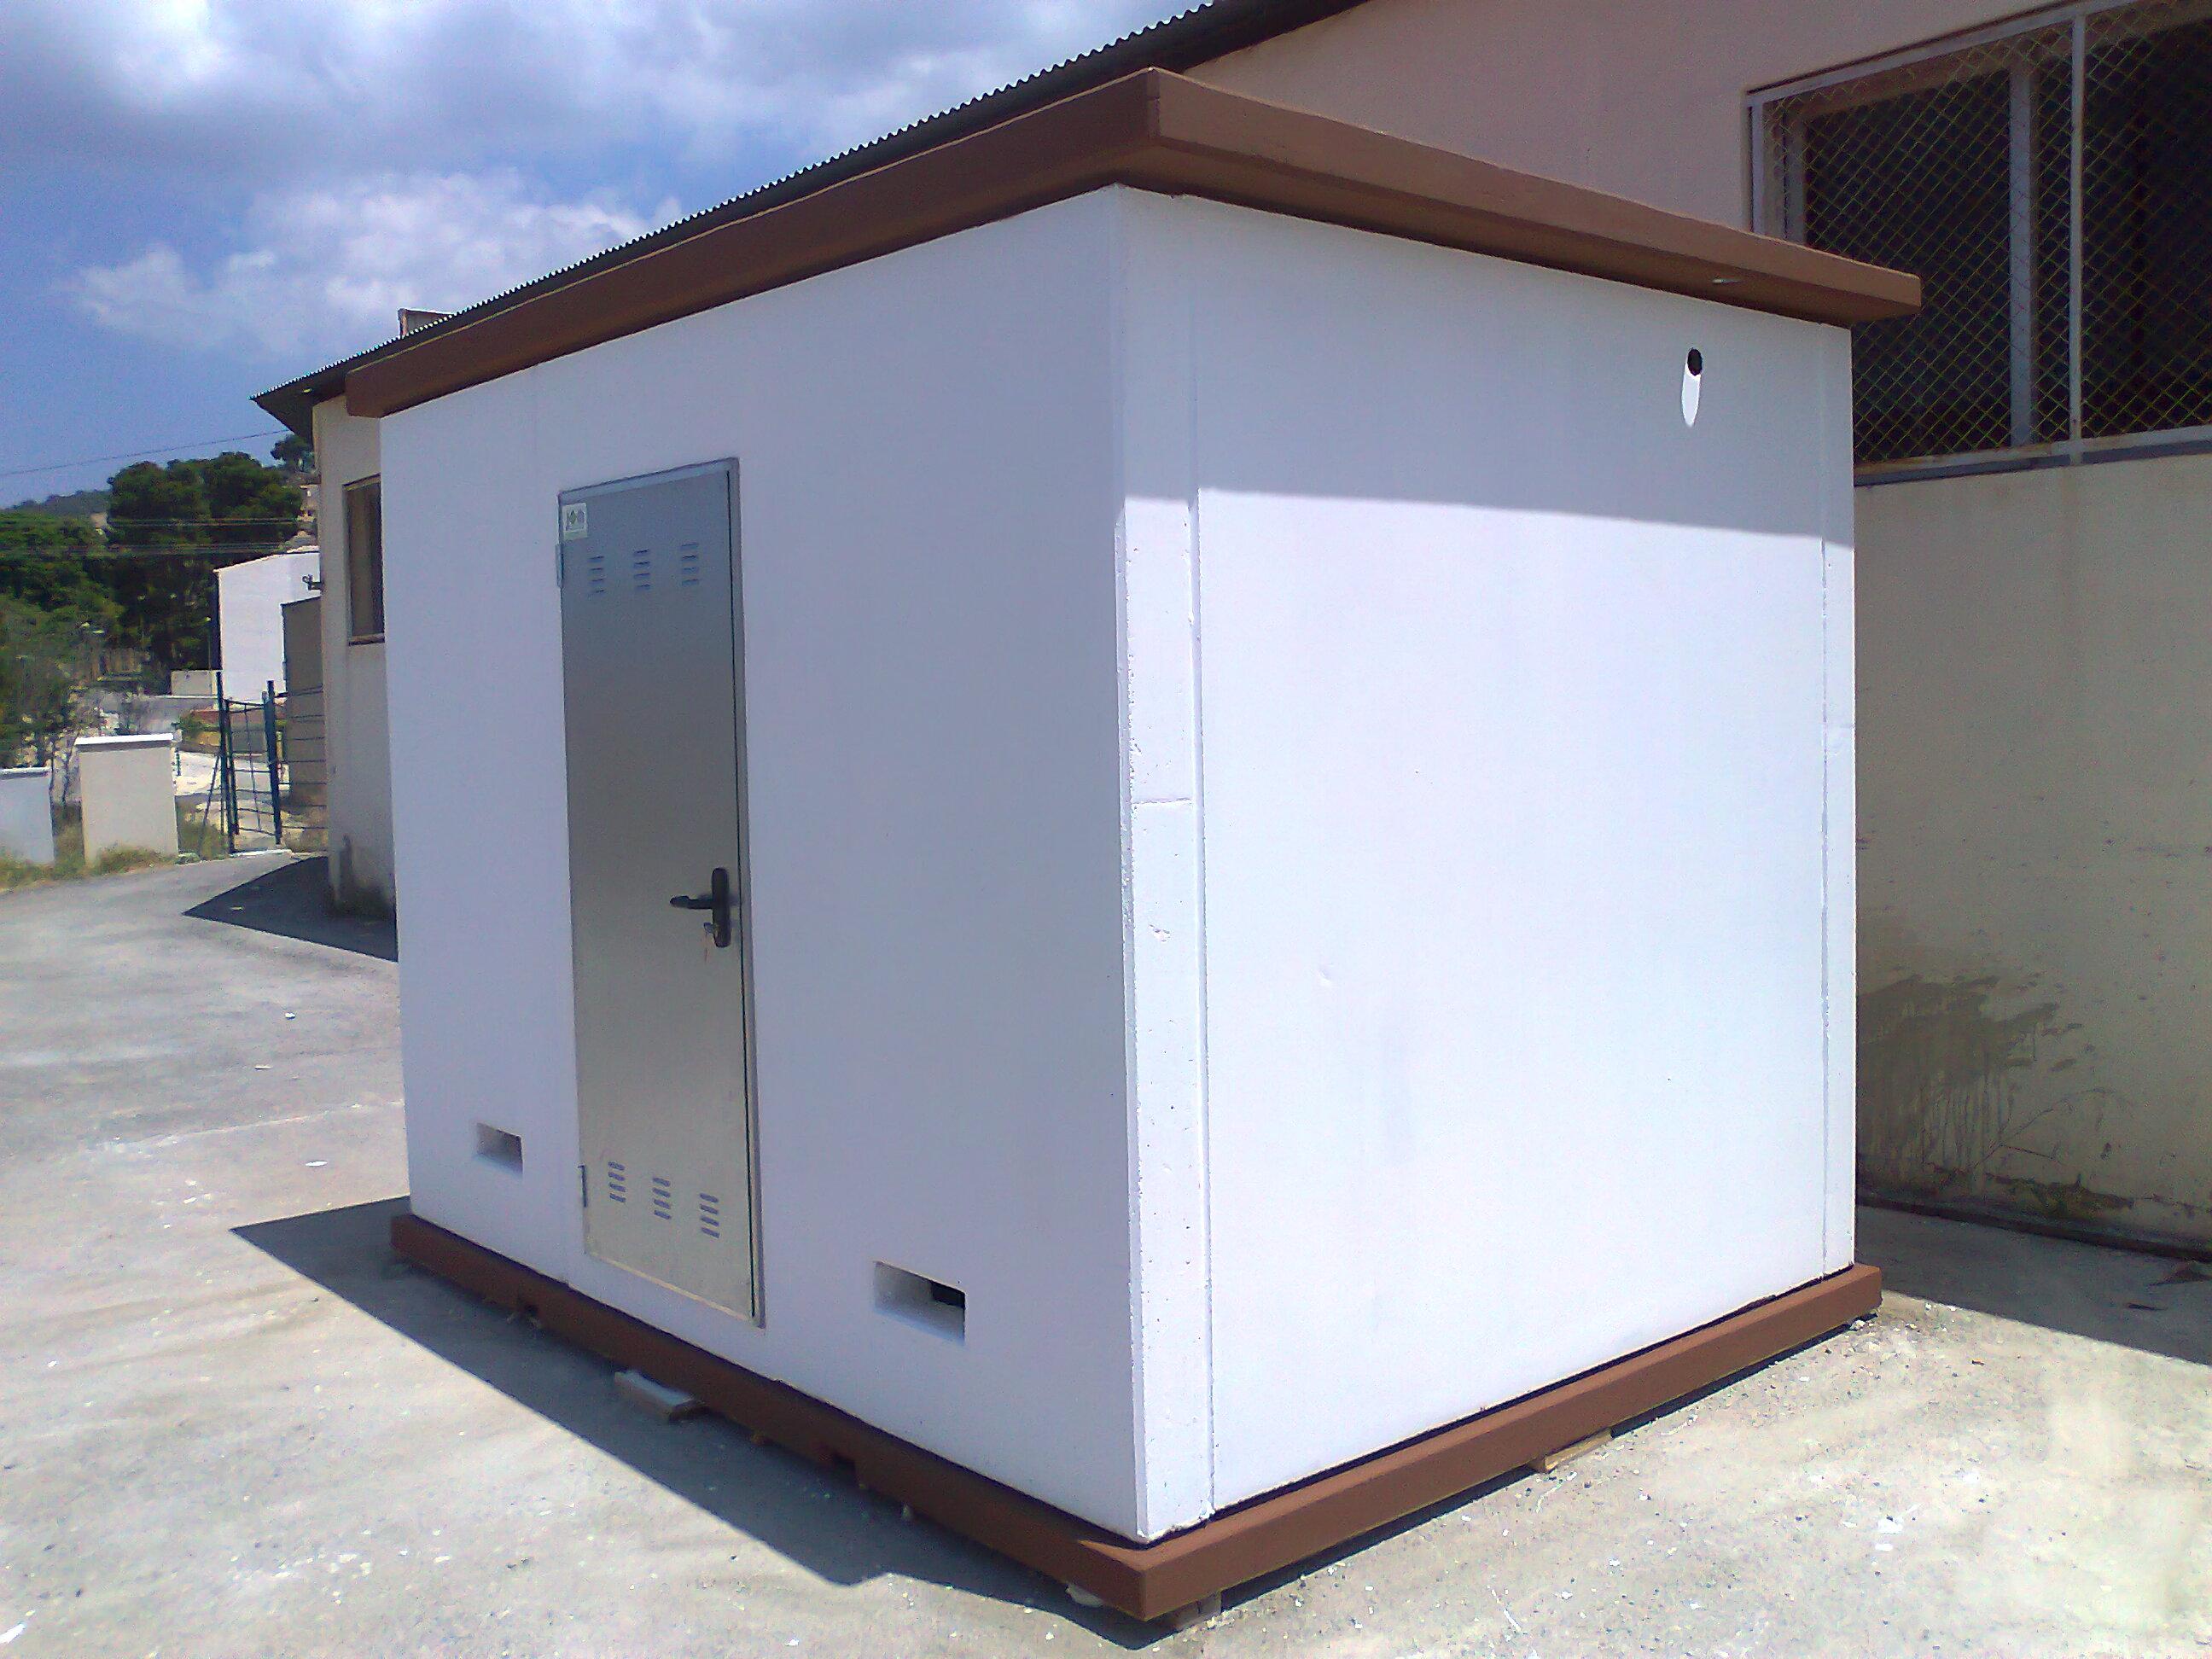 Fotos de casetas de hormigon prefabricado casetas - Prefabricadas de hormigon ...